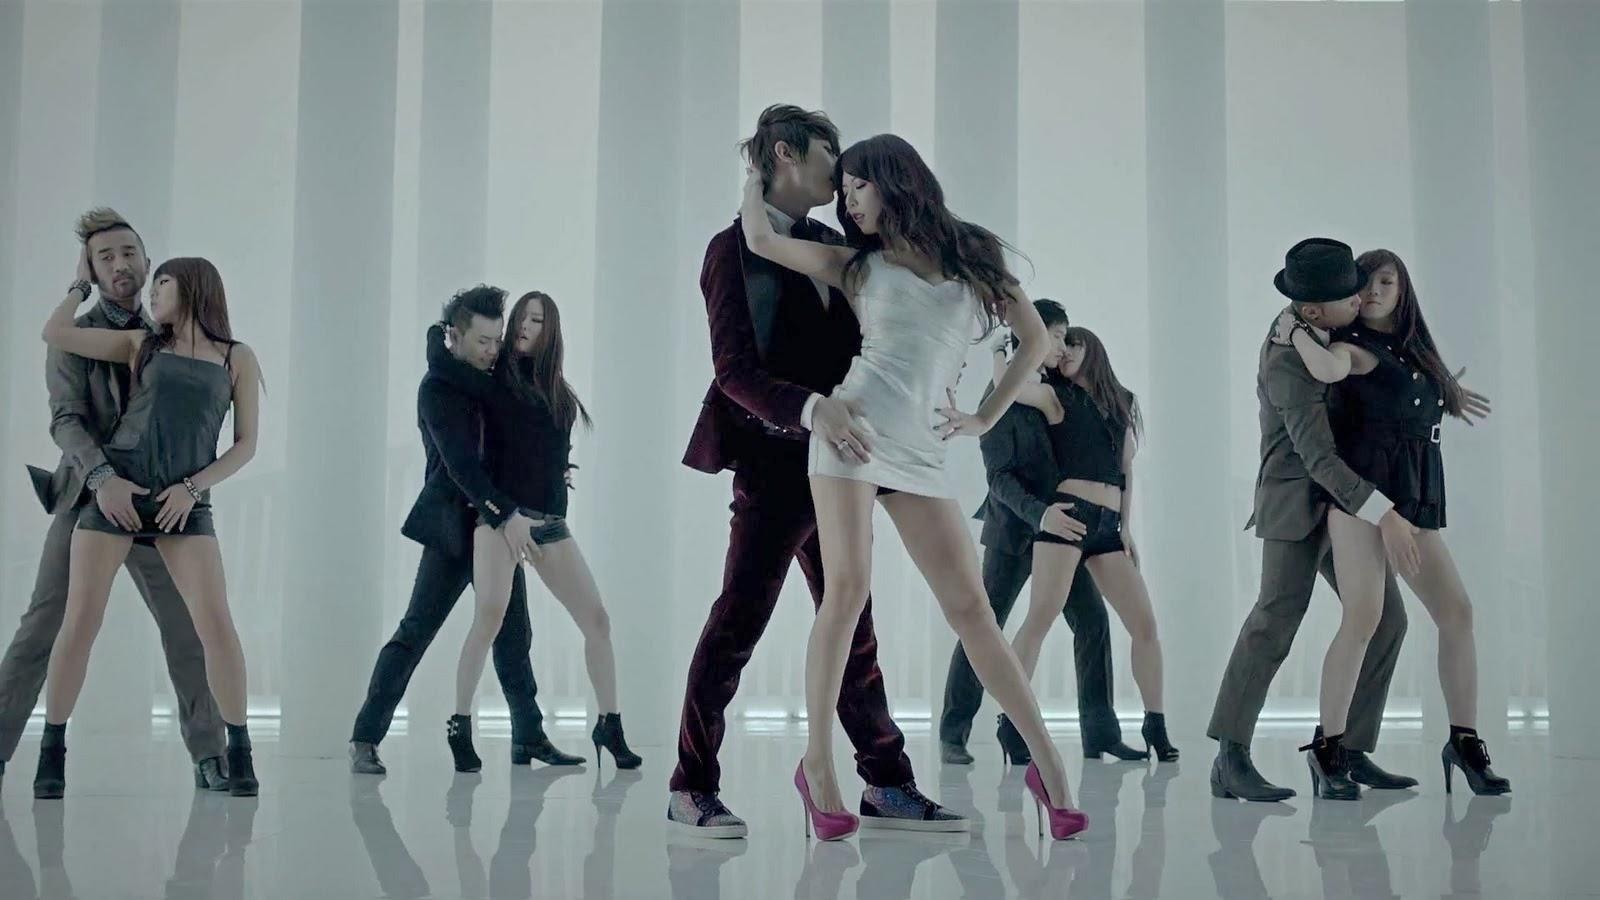 Body tuyệt đỉnh và thời trang tạo sóng bảo sao HyunA mãi là nữ hoàng gợi cảm của Kpop suốt thập kỷ qua ảnh 3